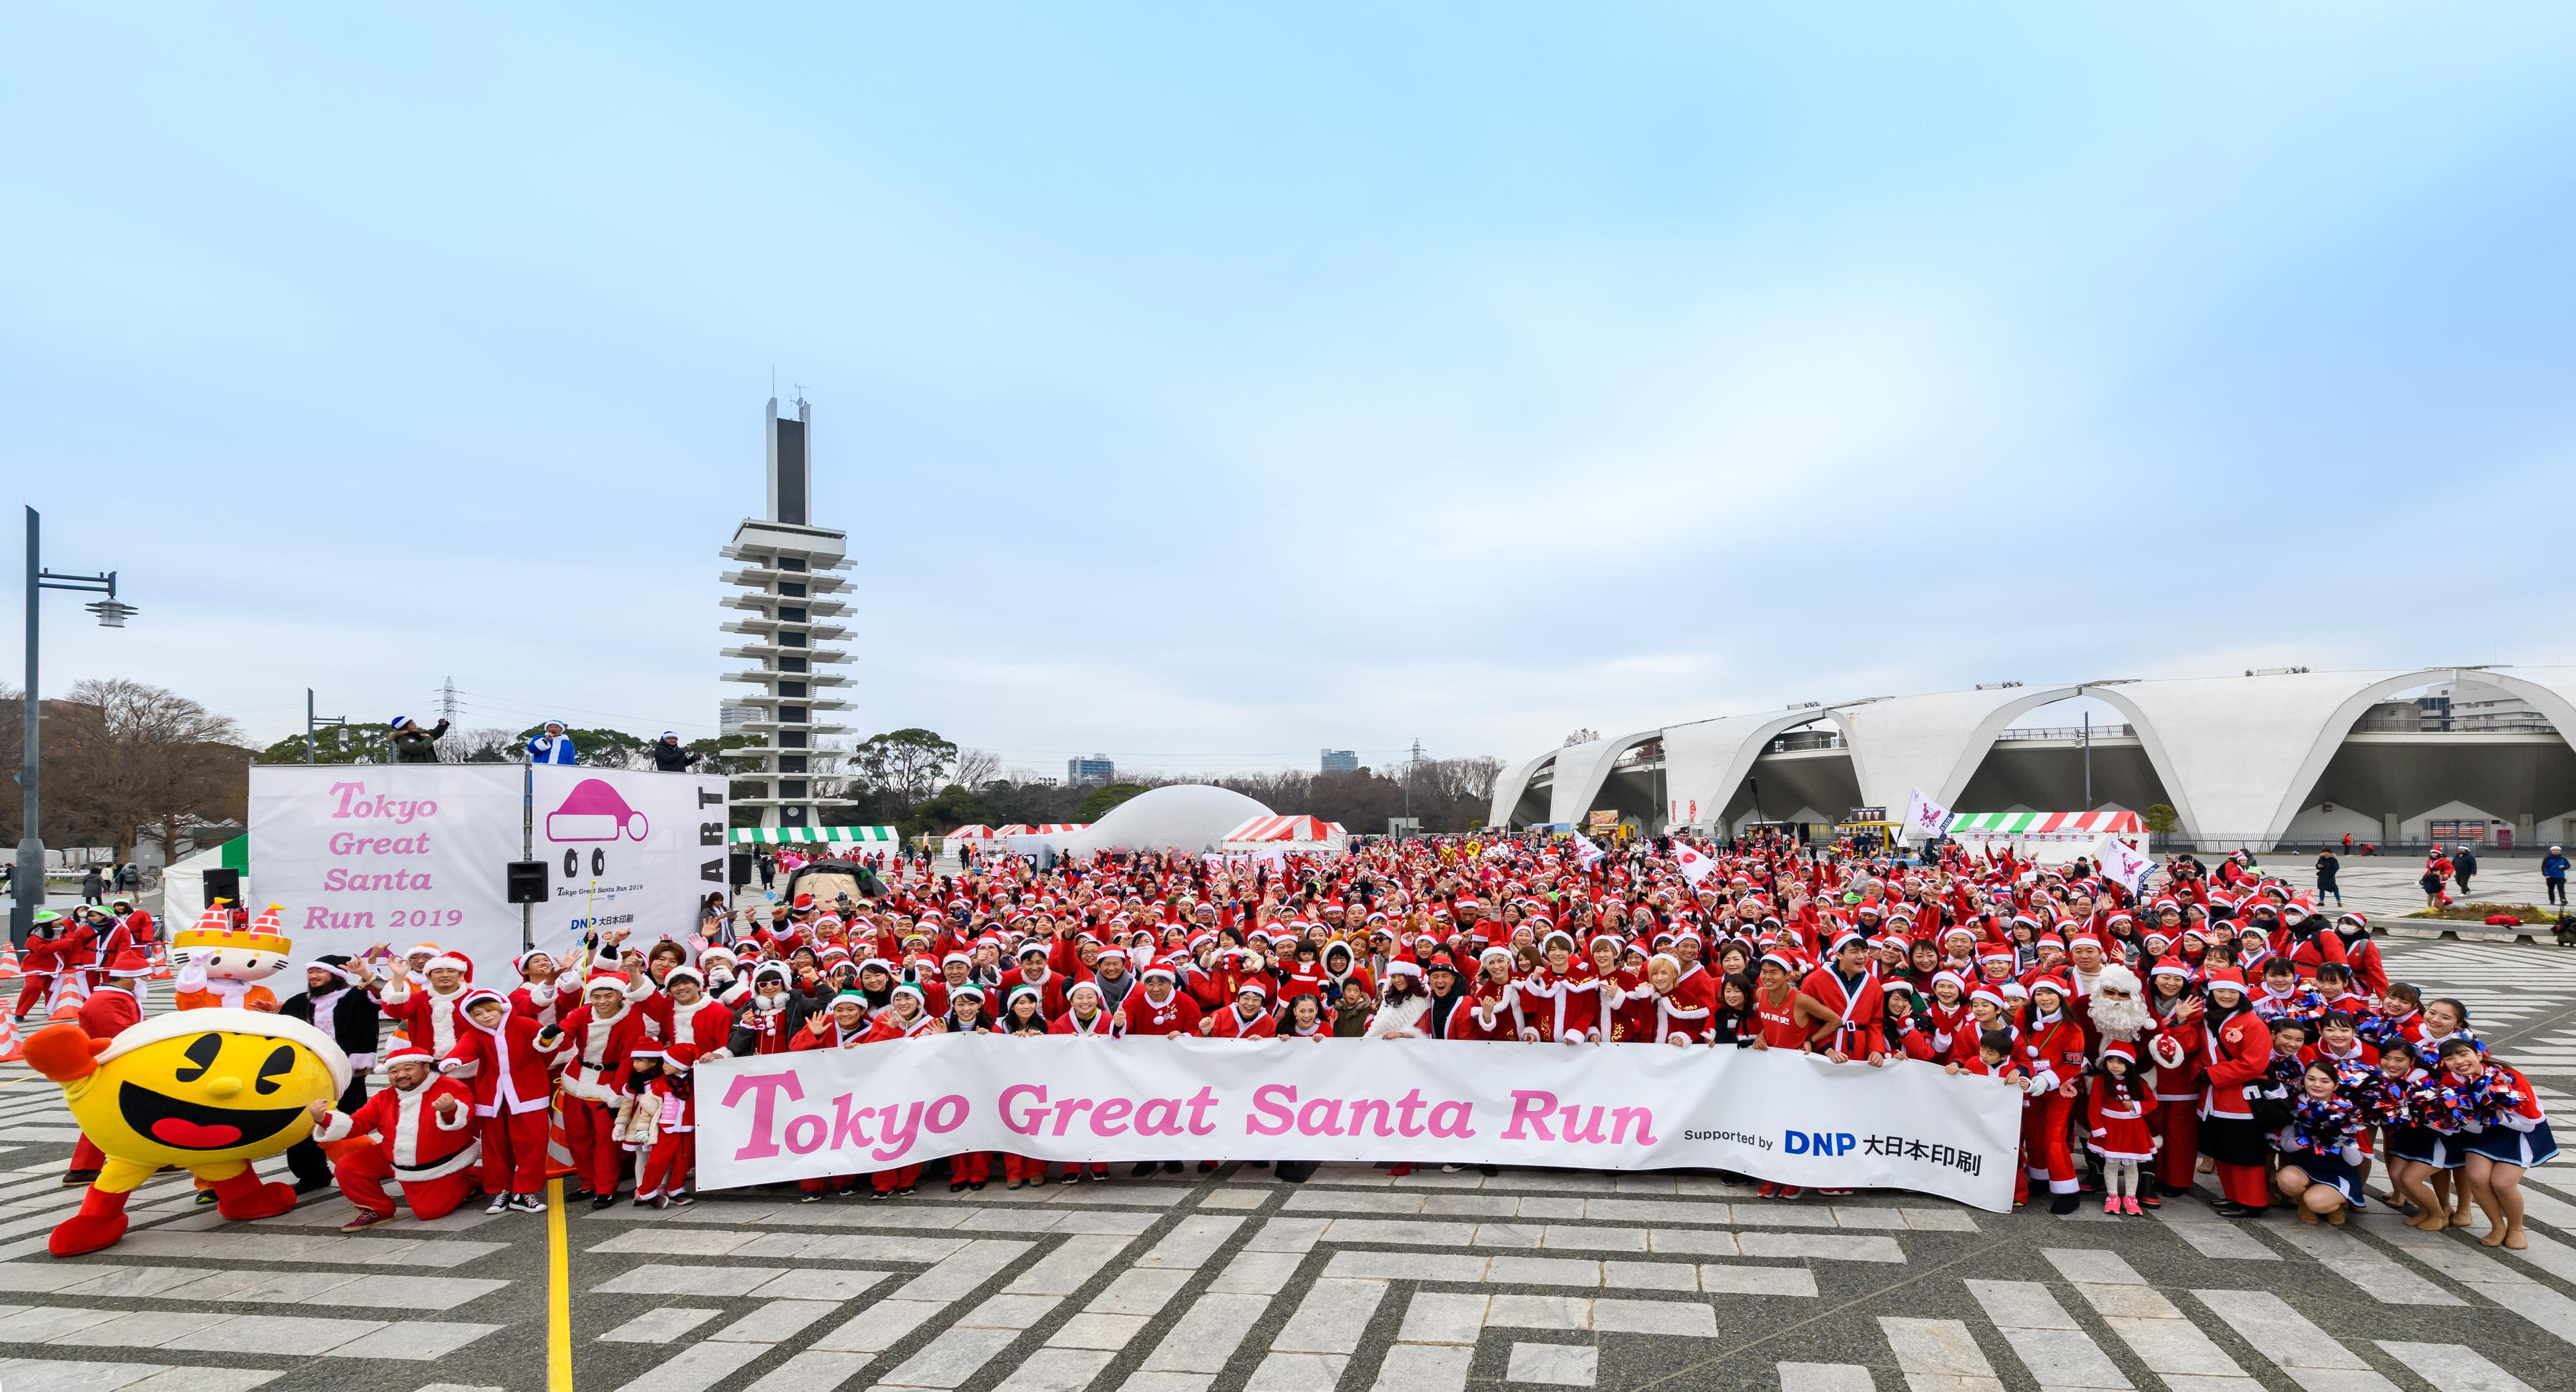 東京グレートサンタラン 2019の様子